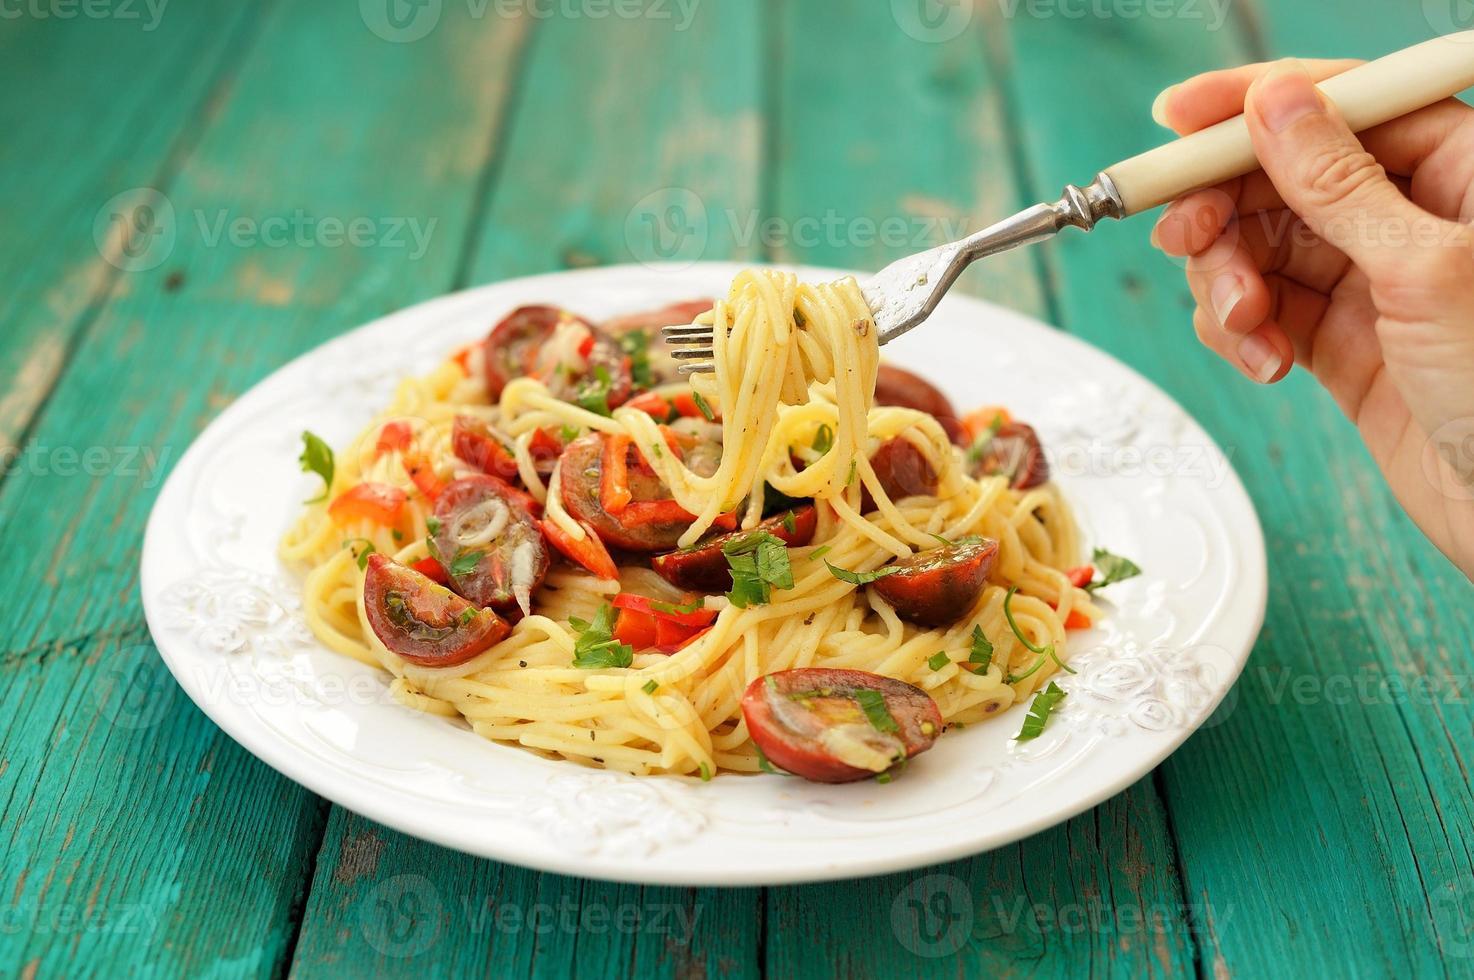 spaghetti al pomodoro en plaque blanche avec main tenant photo